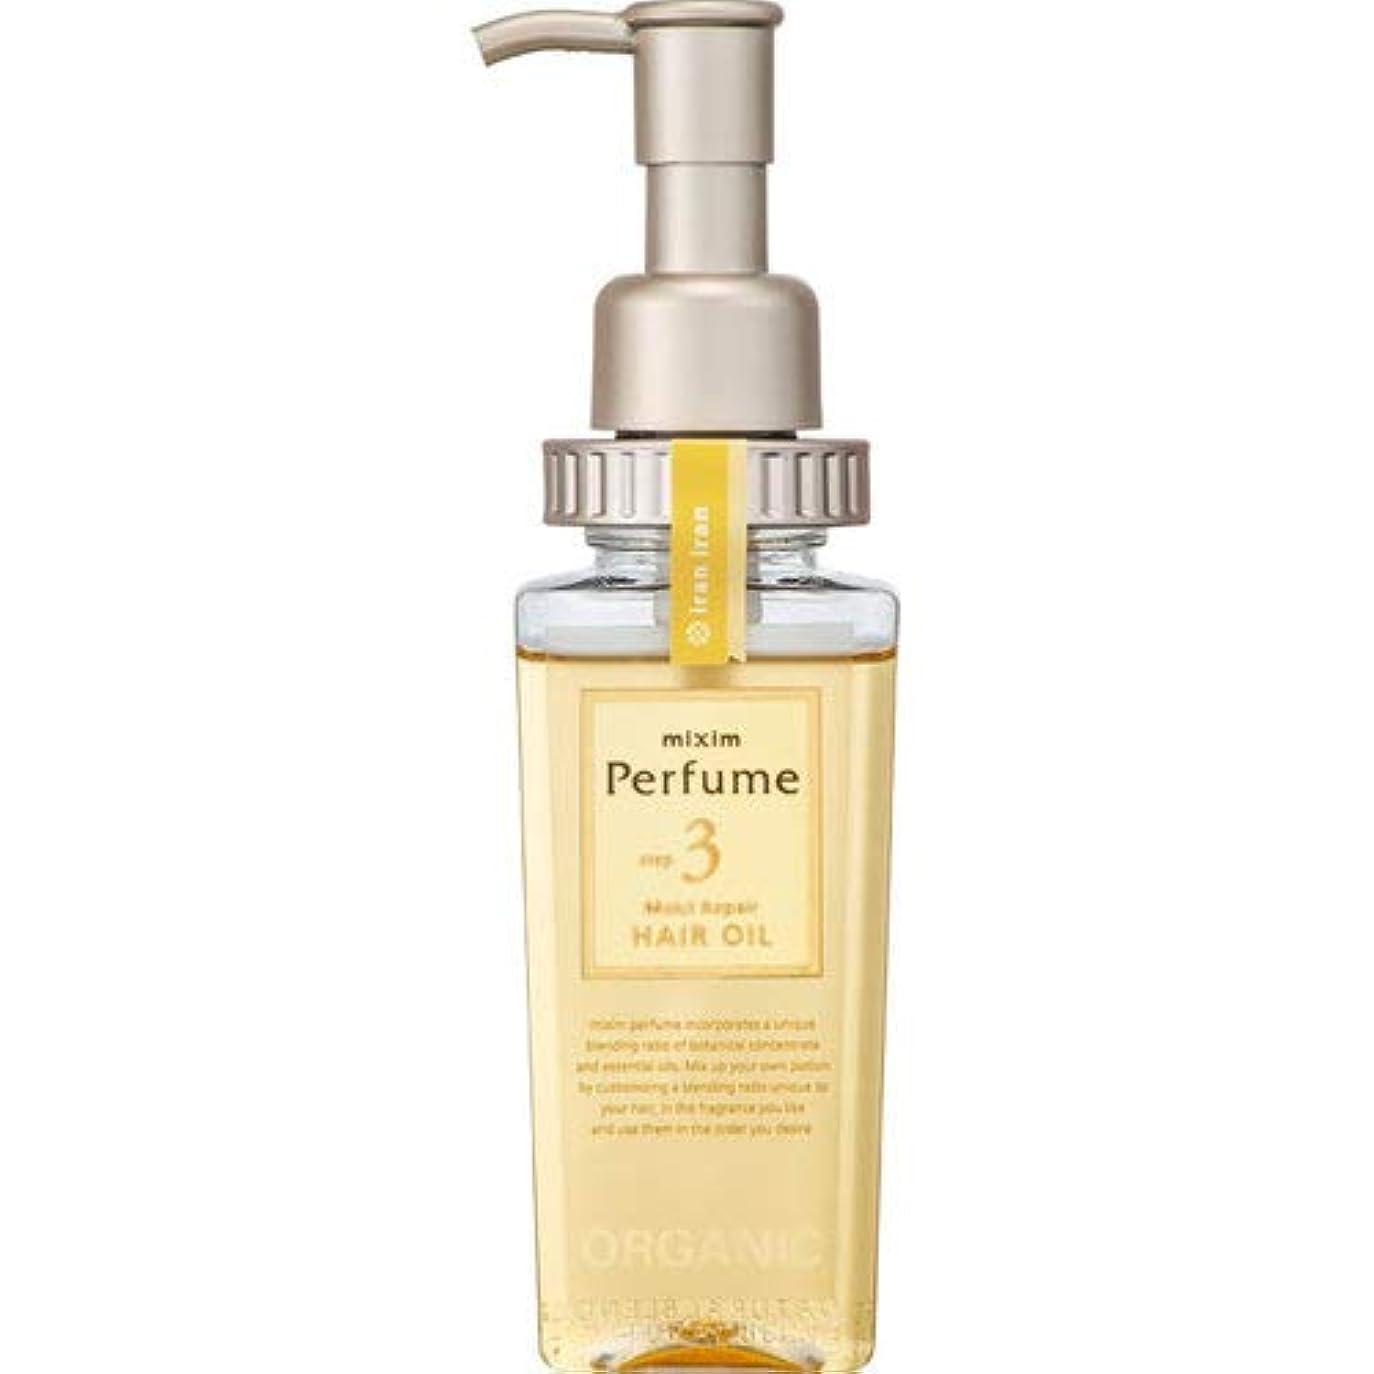 動く現象知覚できるmixim Perfume(ミクシムパフューム) モイストリペア ヘアオイル 100mL